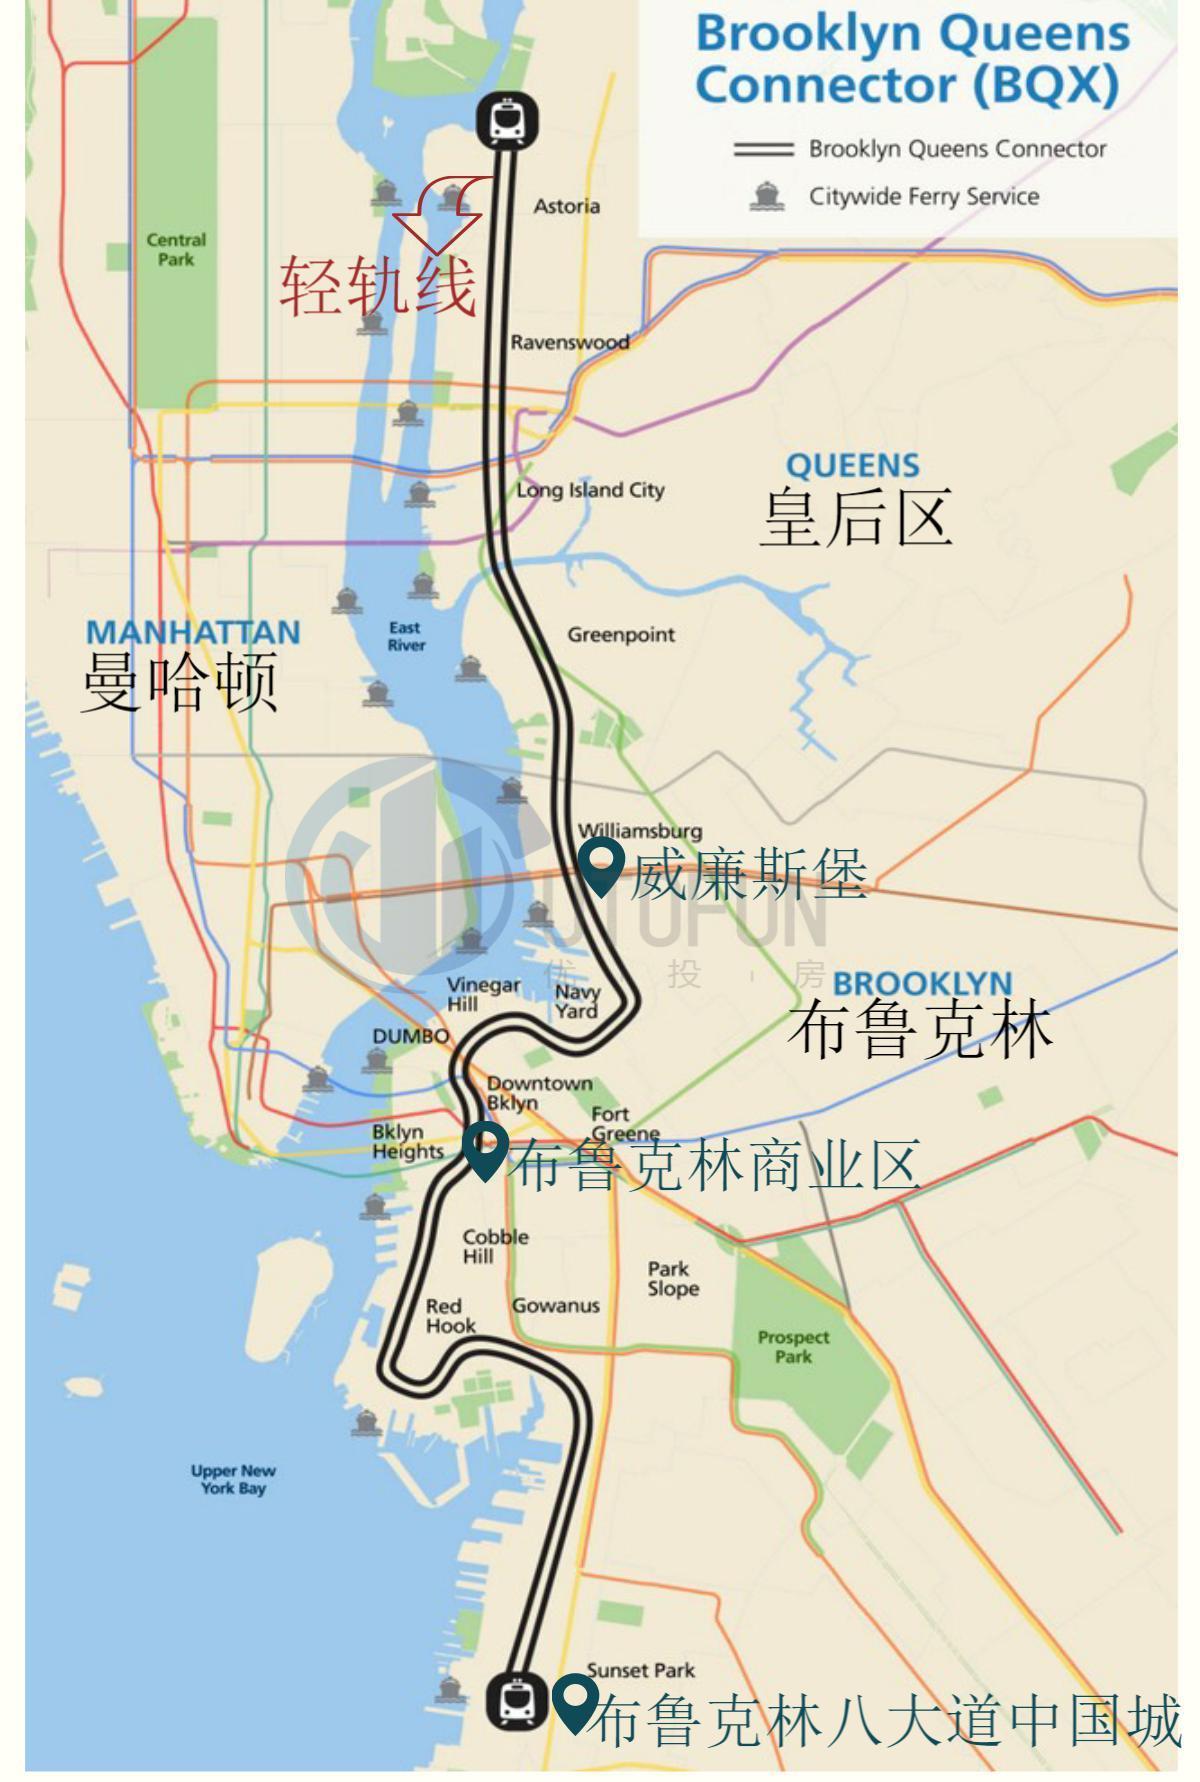 布鲁克林皇后区地图